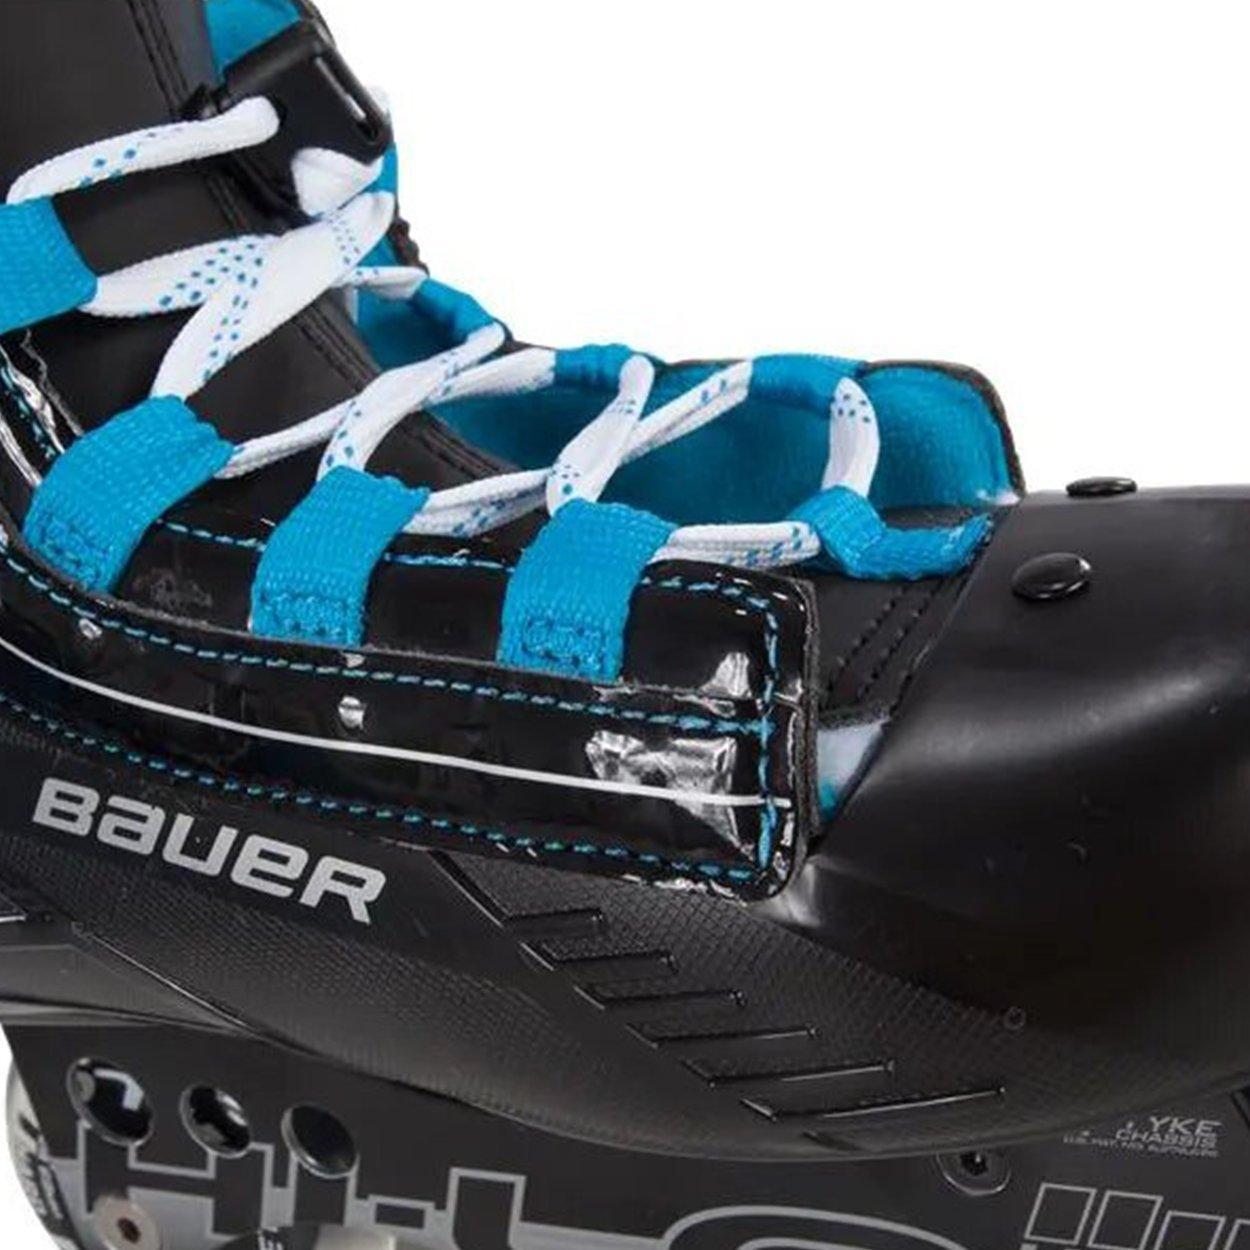 BAUER RH PRODIGY Skate